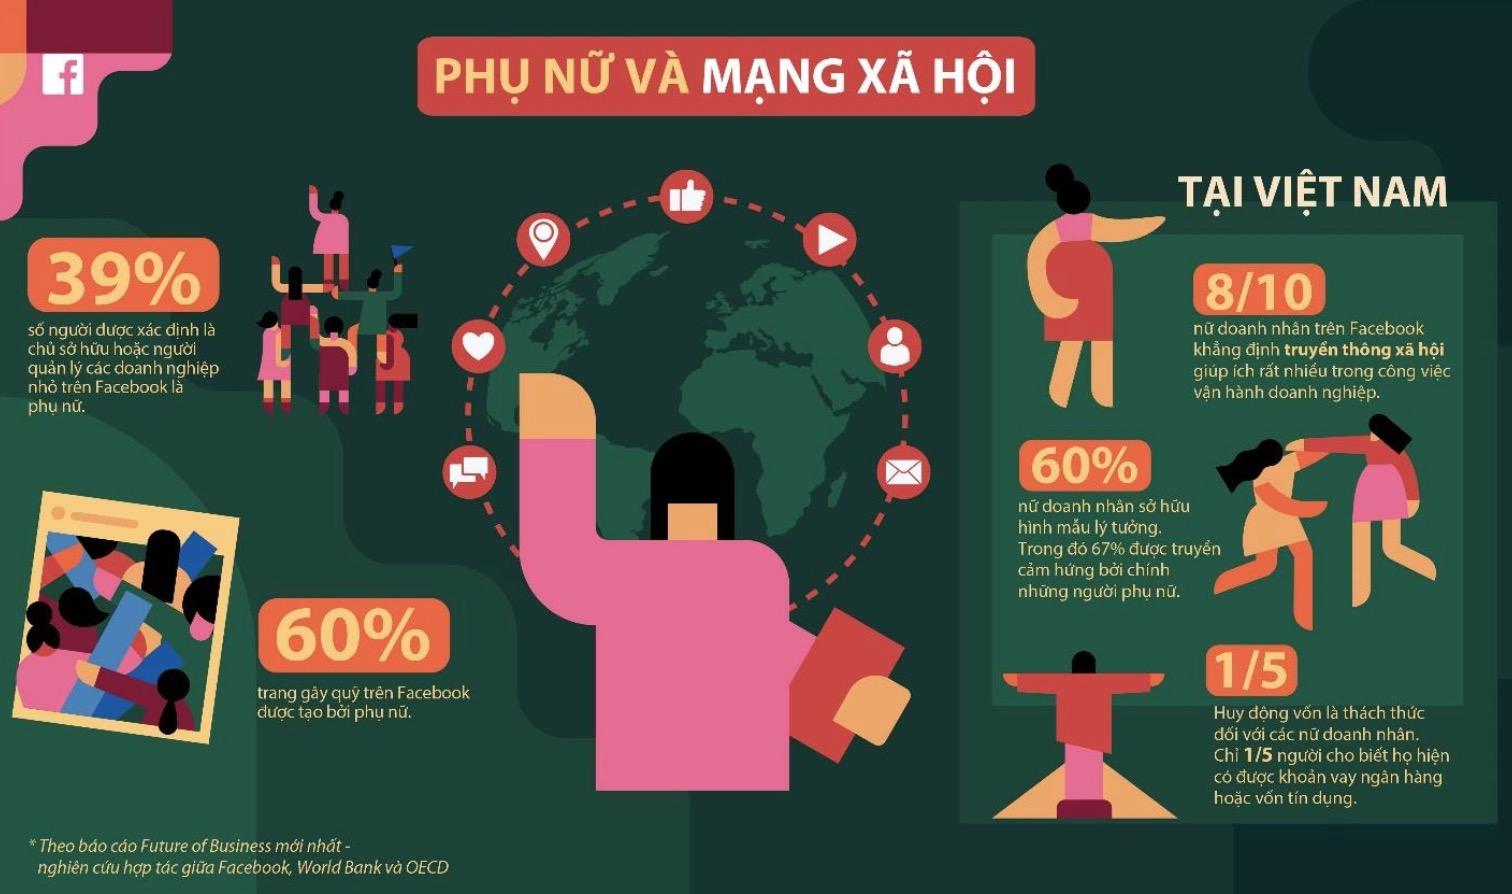 mạng xã hội giúp ích cho công việc kinh doanh